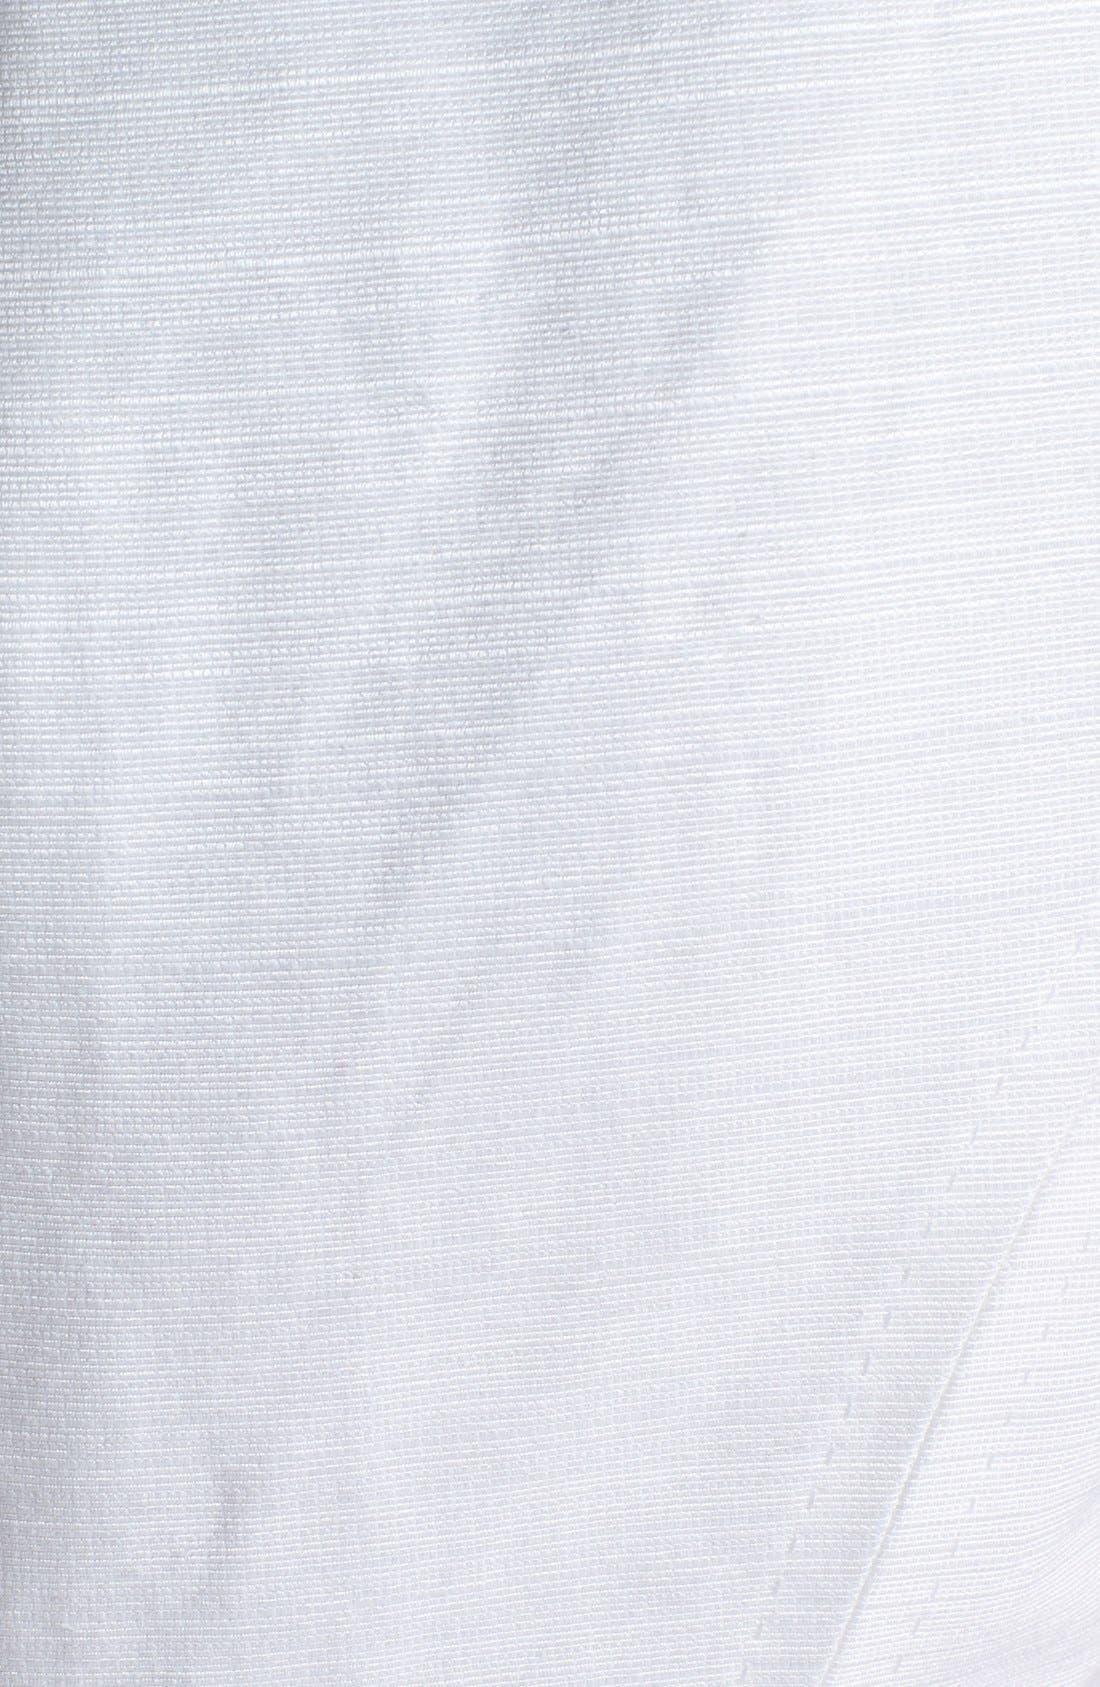 Alternate Image 3  - Tory Burch 'Kimberly' Ottoman Sheath Dress